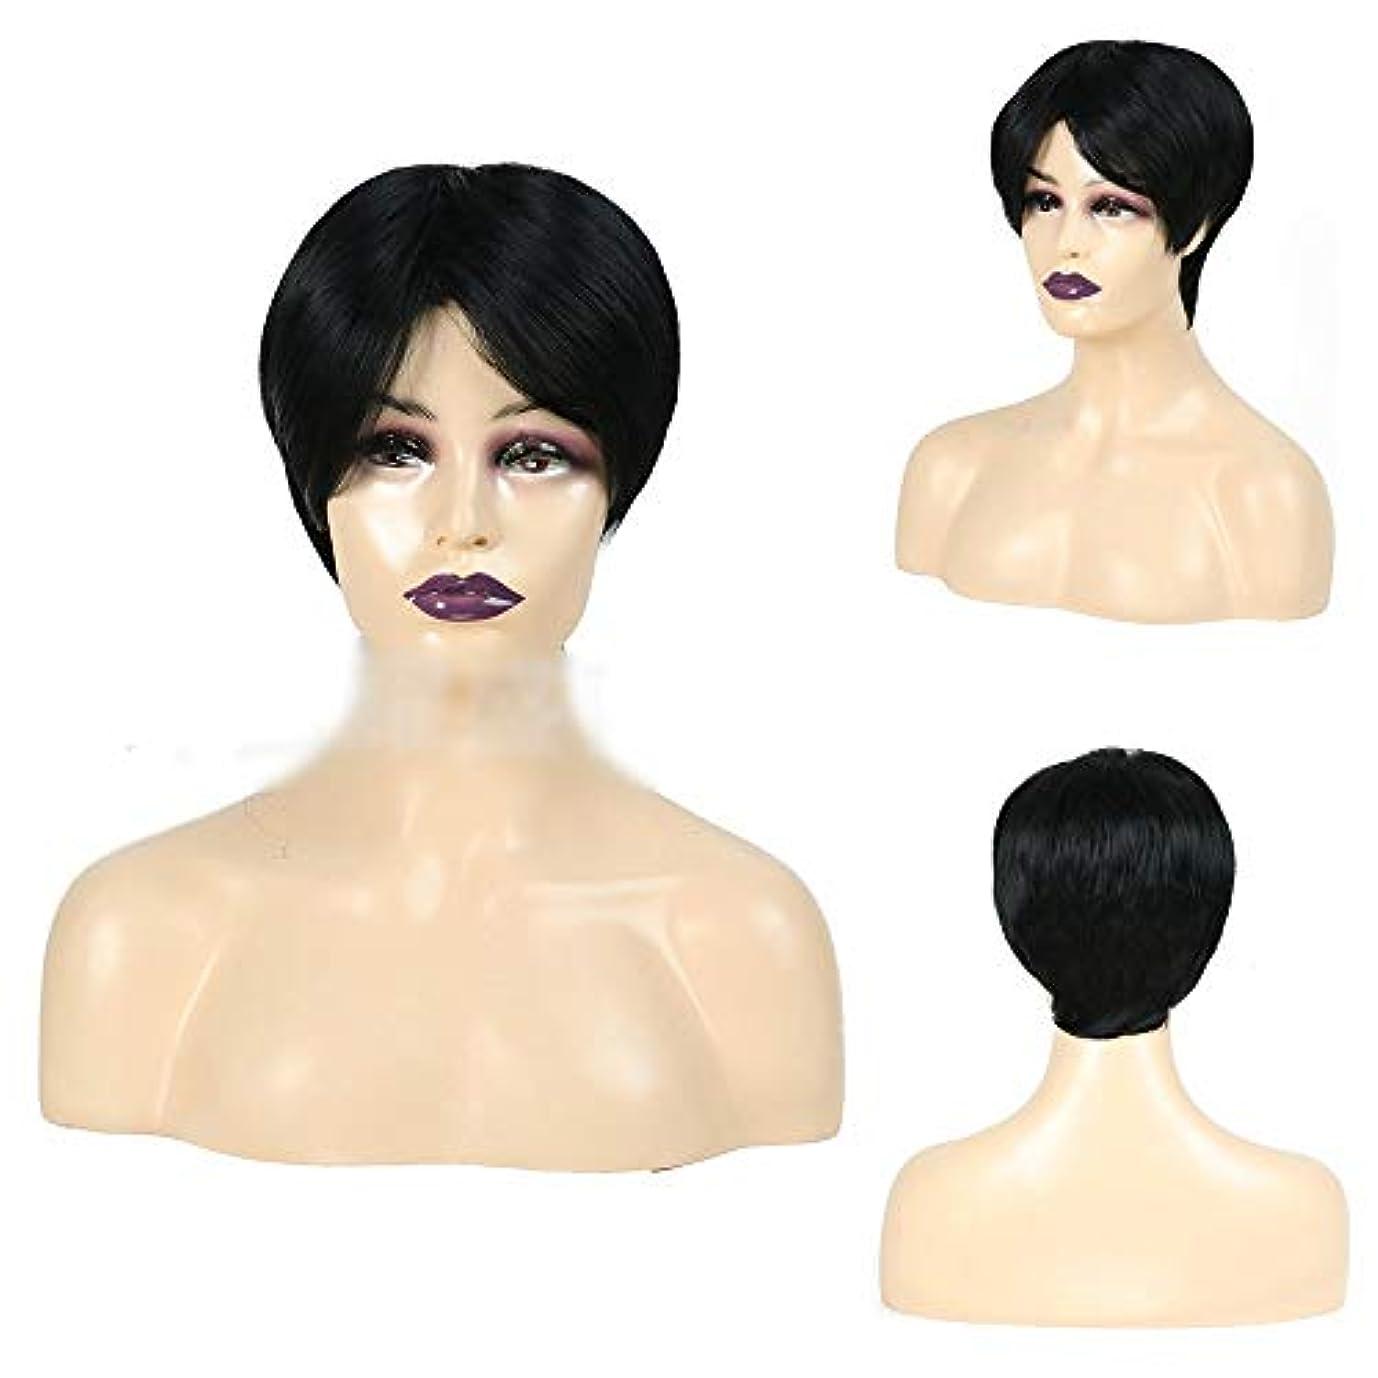 クラス大邸宅コンサルタントYOUQIU 前髪ショートボブヘアウィッグ高品質の合成髪のかつらを持つ女性の毎日の黒髪ボブウィッグ (色 : 黒)